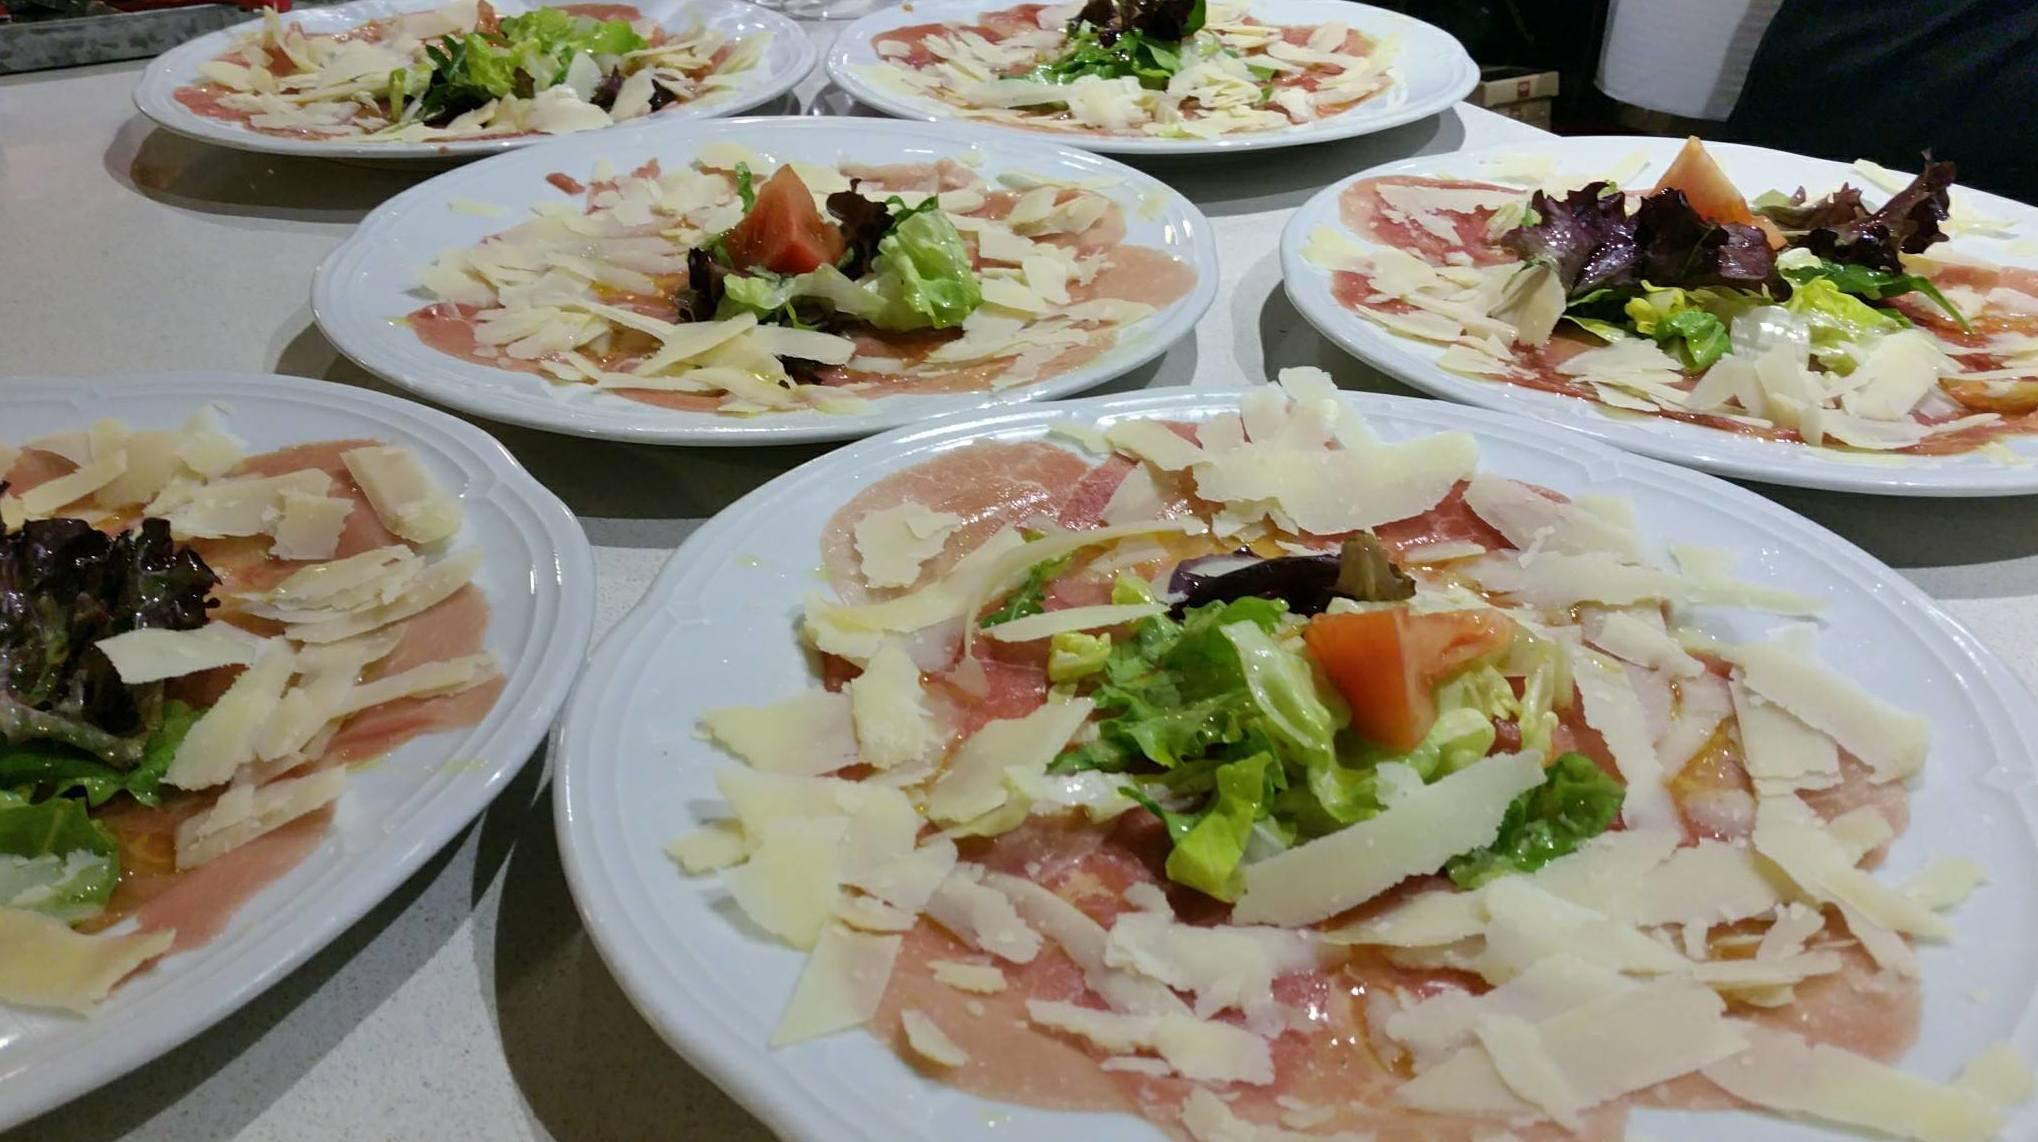 Foto 10 de Restaurante en Alicante | Restaurante Caruso